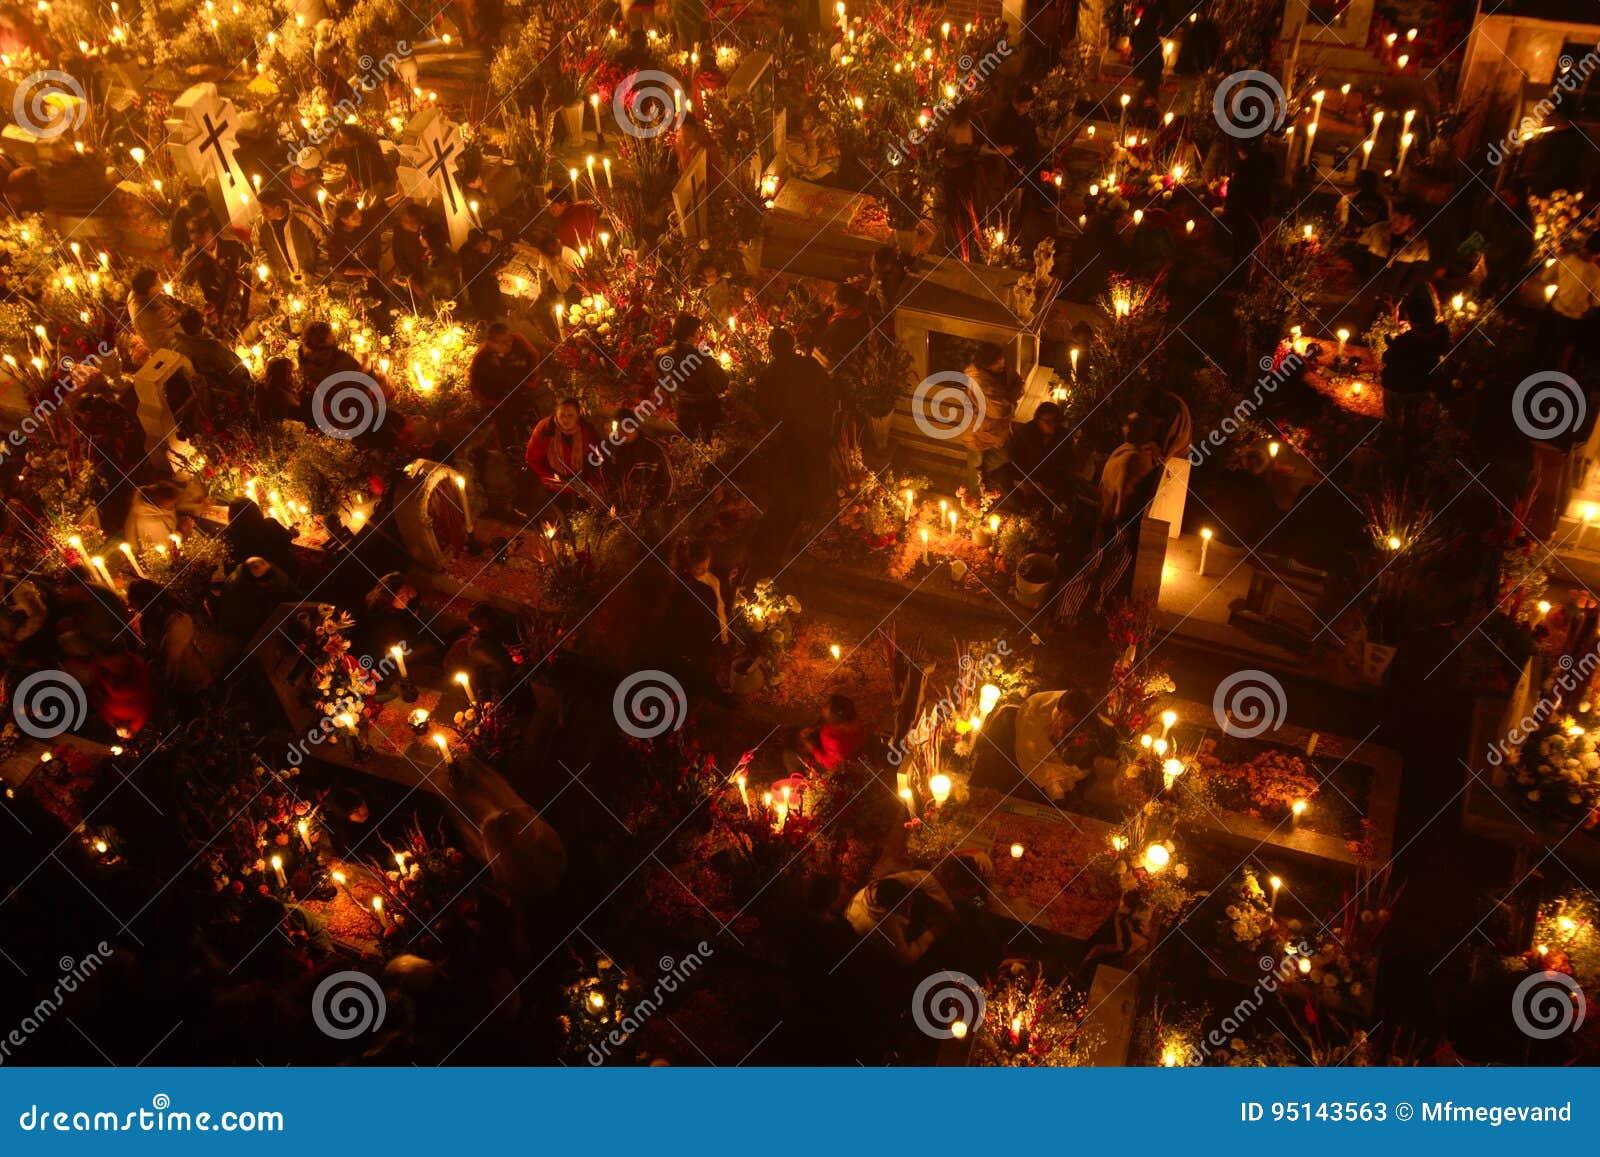 SAN ANDRÃ ‰ S MIXQUIC, MEXICO - NOVEMBER 2012: Jaarlijkse die herdenking als `-La Alumbrada ` in de loop van de dag van de doden